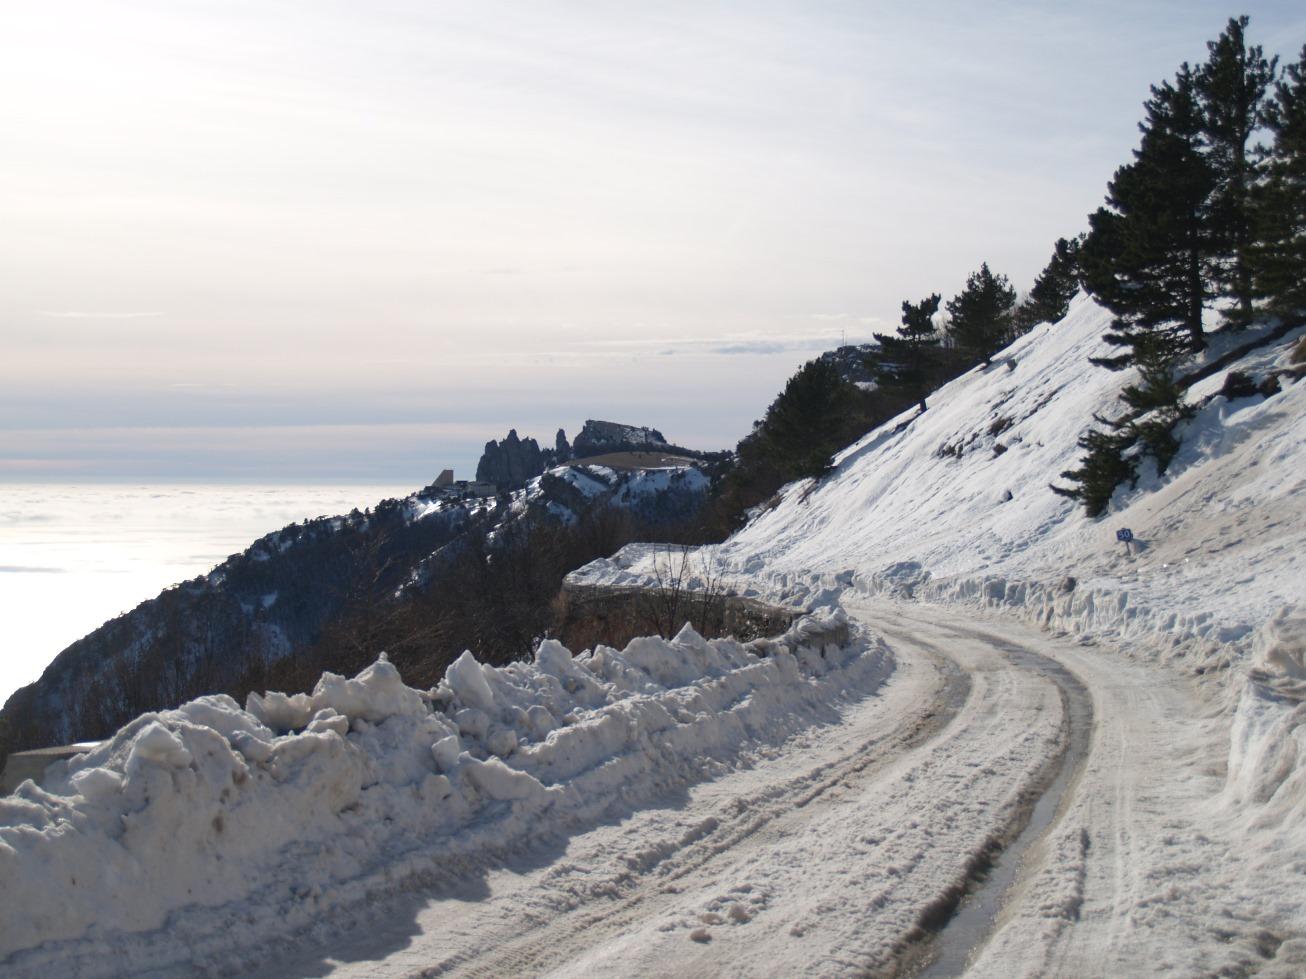 С 1 декабря в Крыму могут вводить зимние ограничения на проезд автомобилей